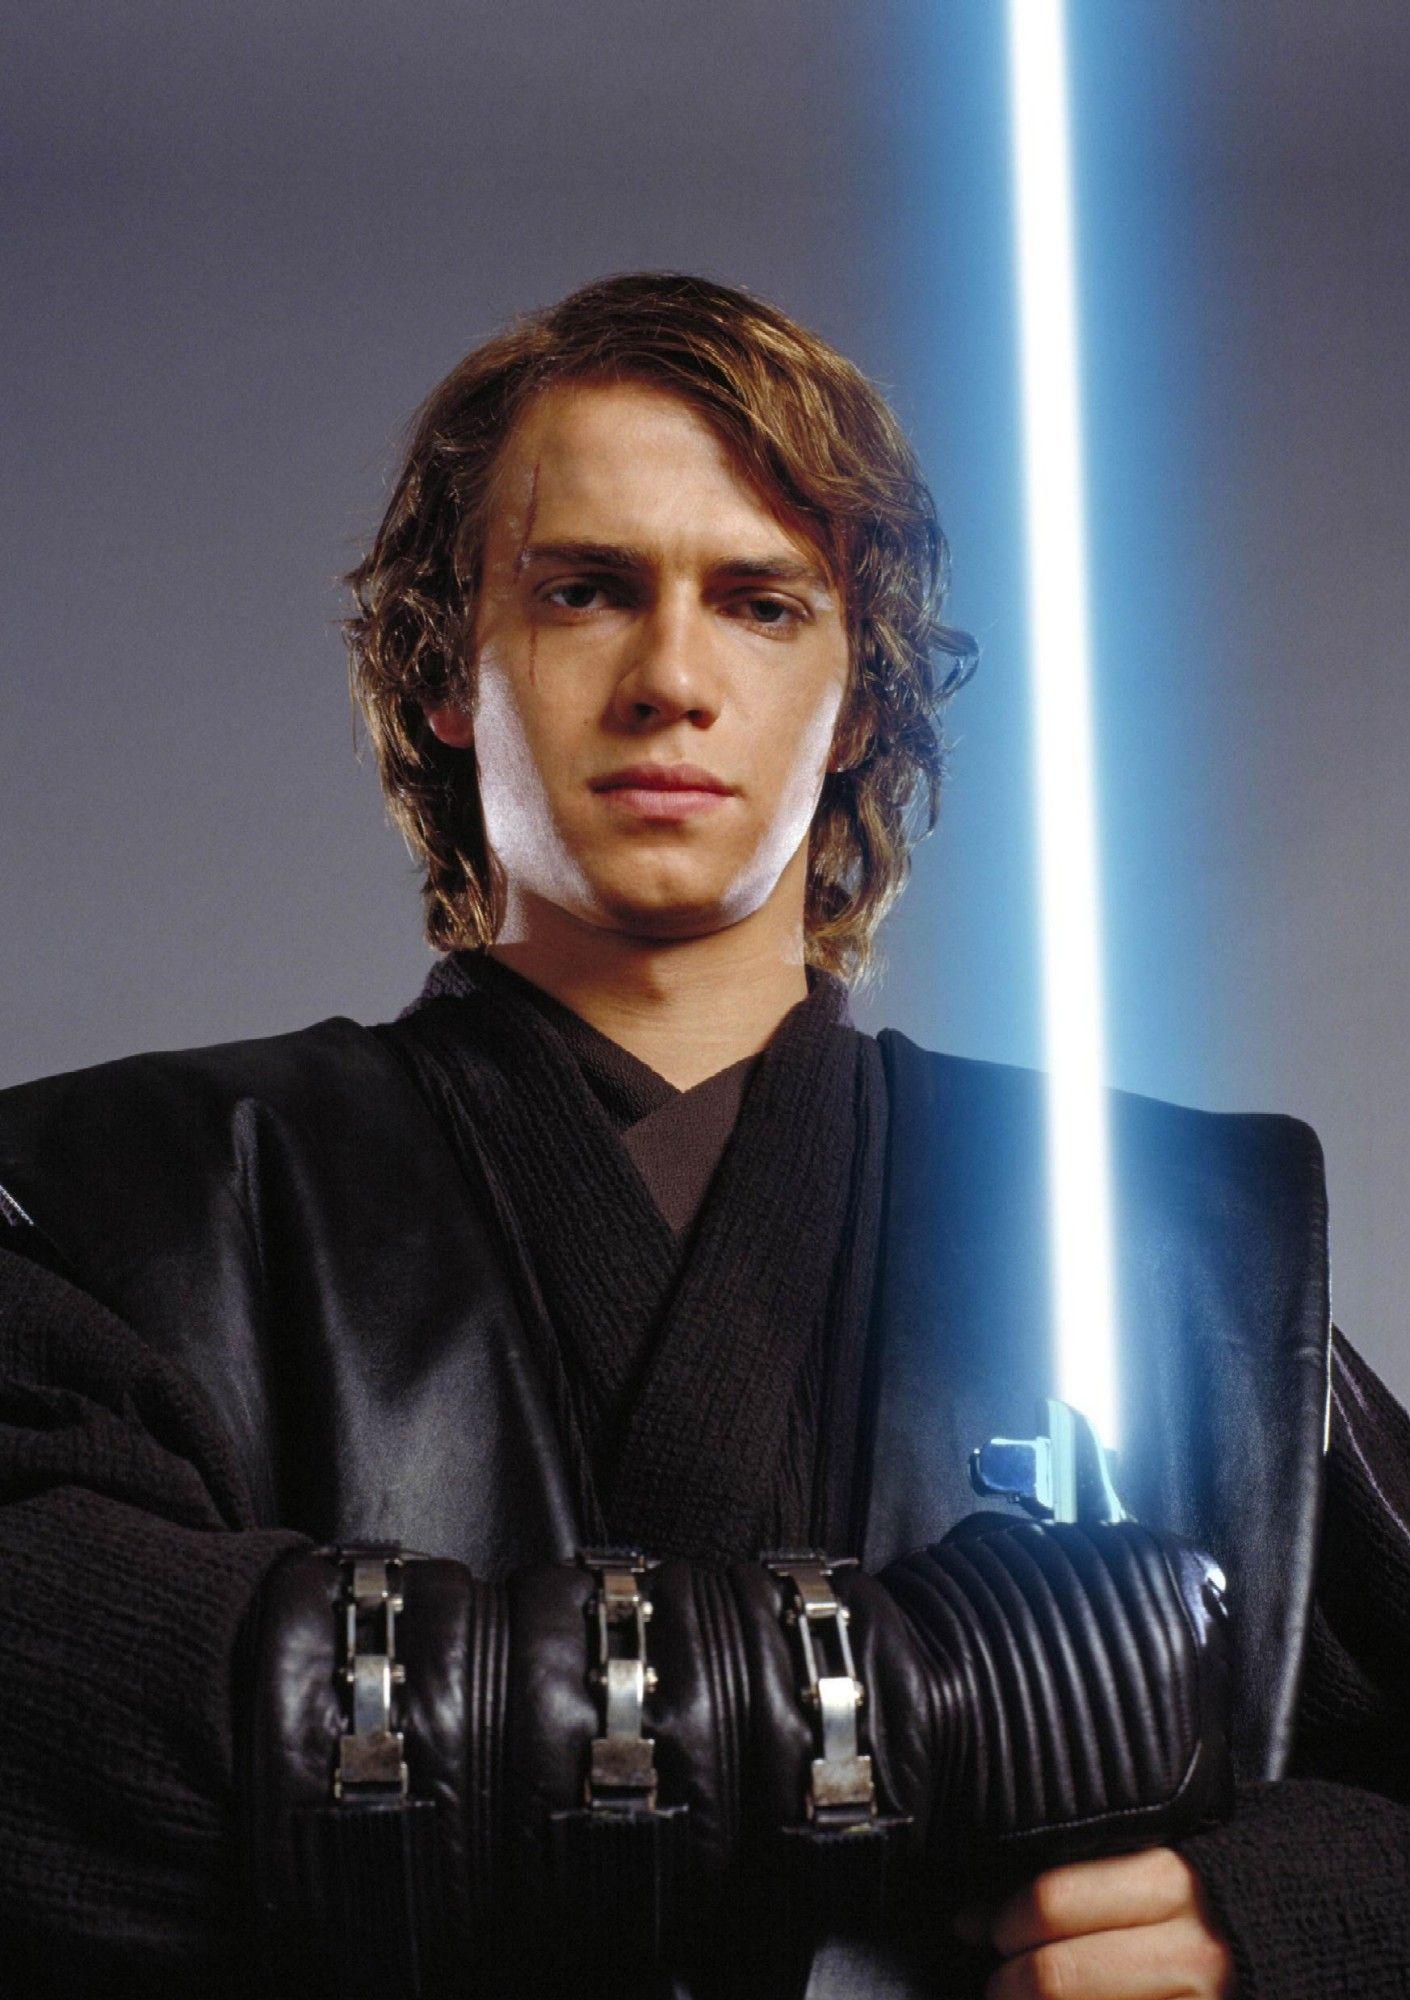 Anakin Skywalker Os Next Do Pinterest Anakin Skywalker And Star